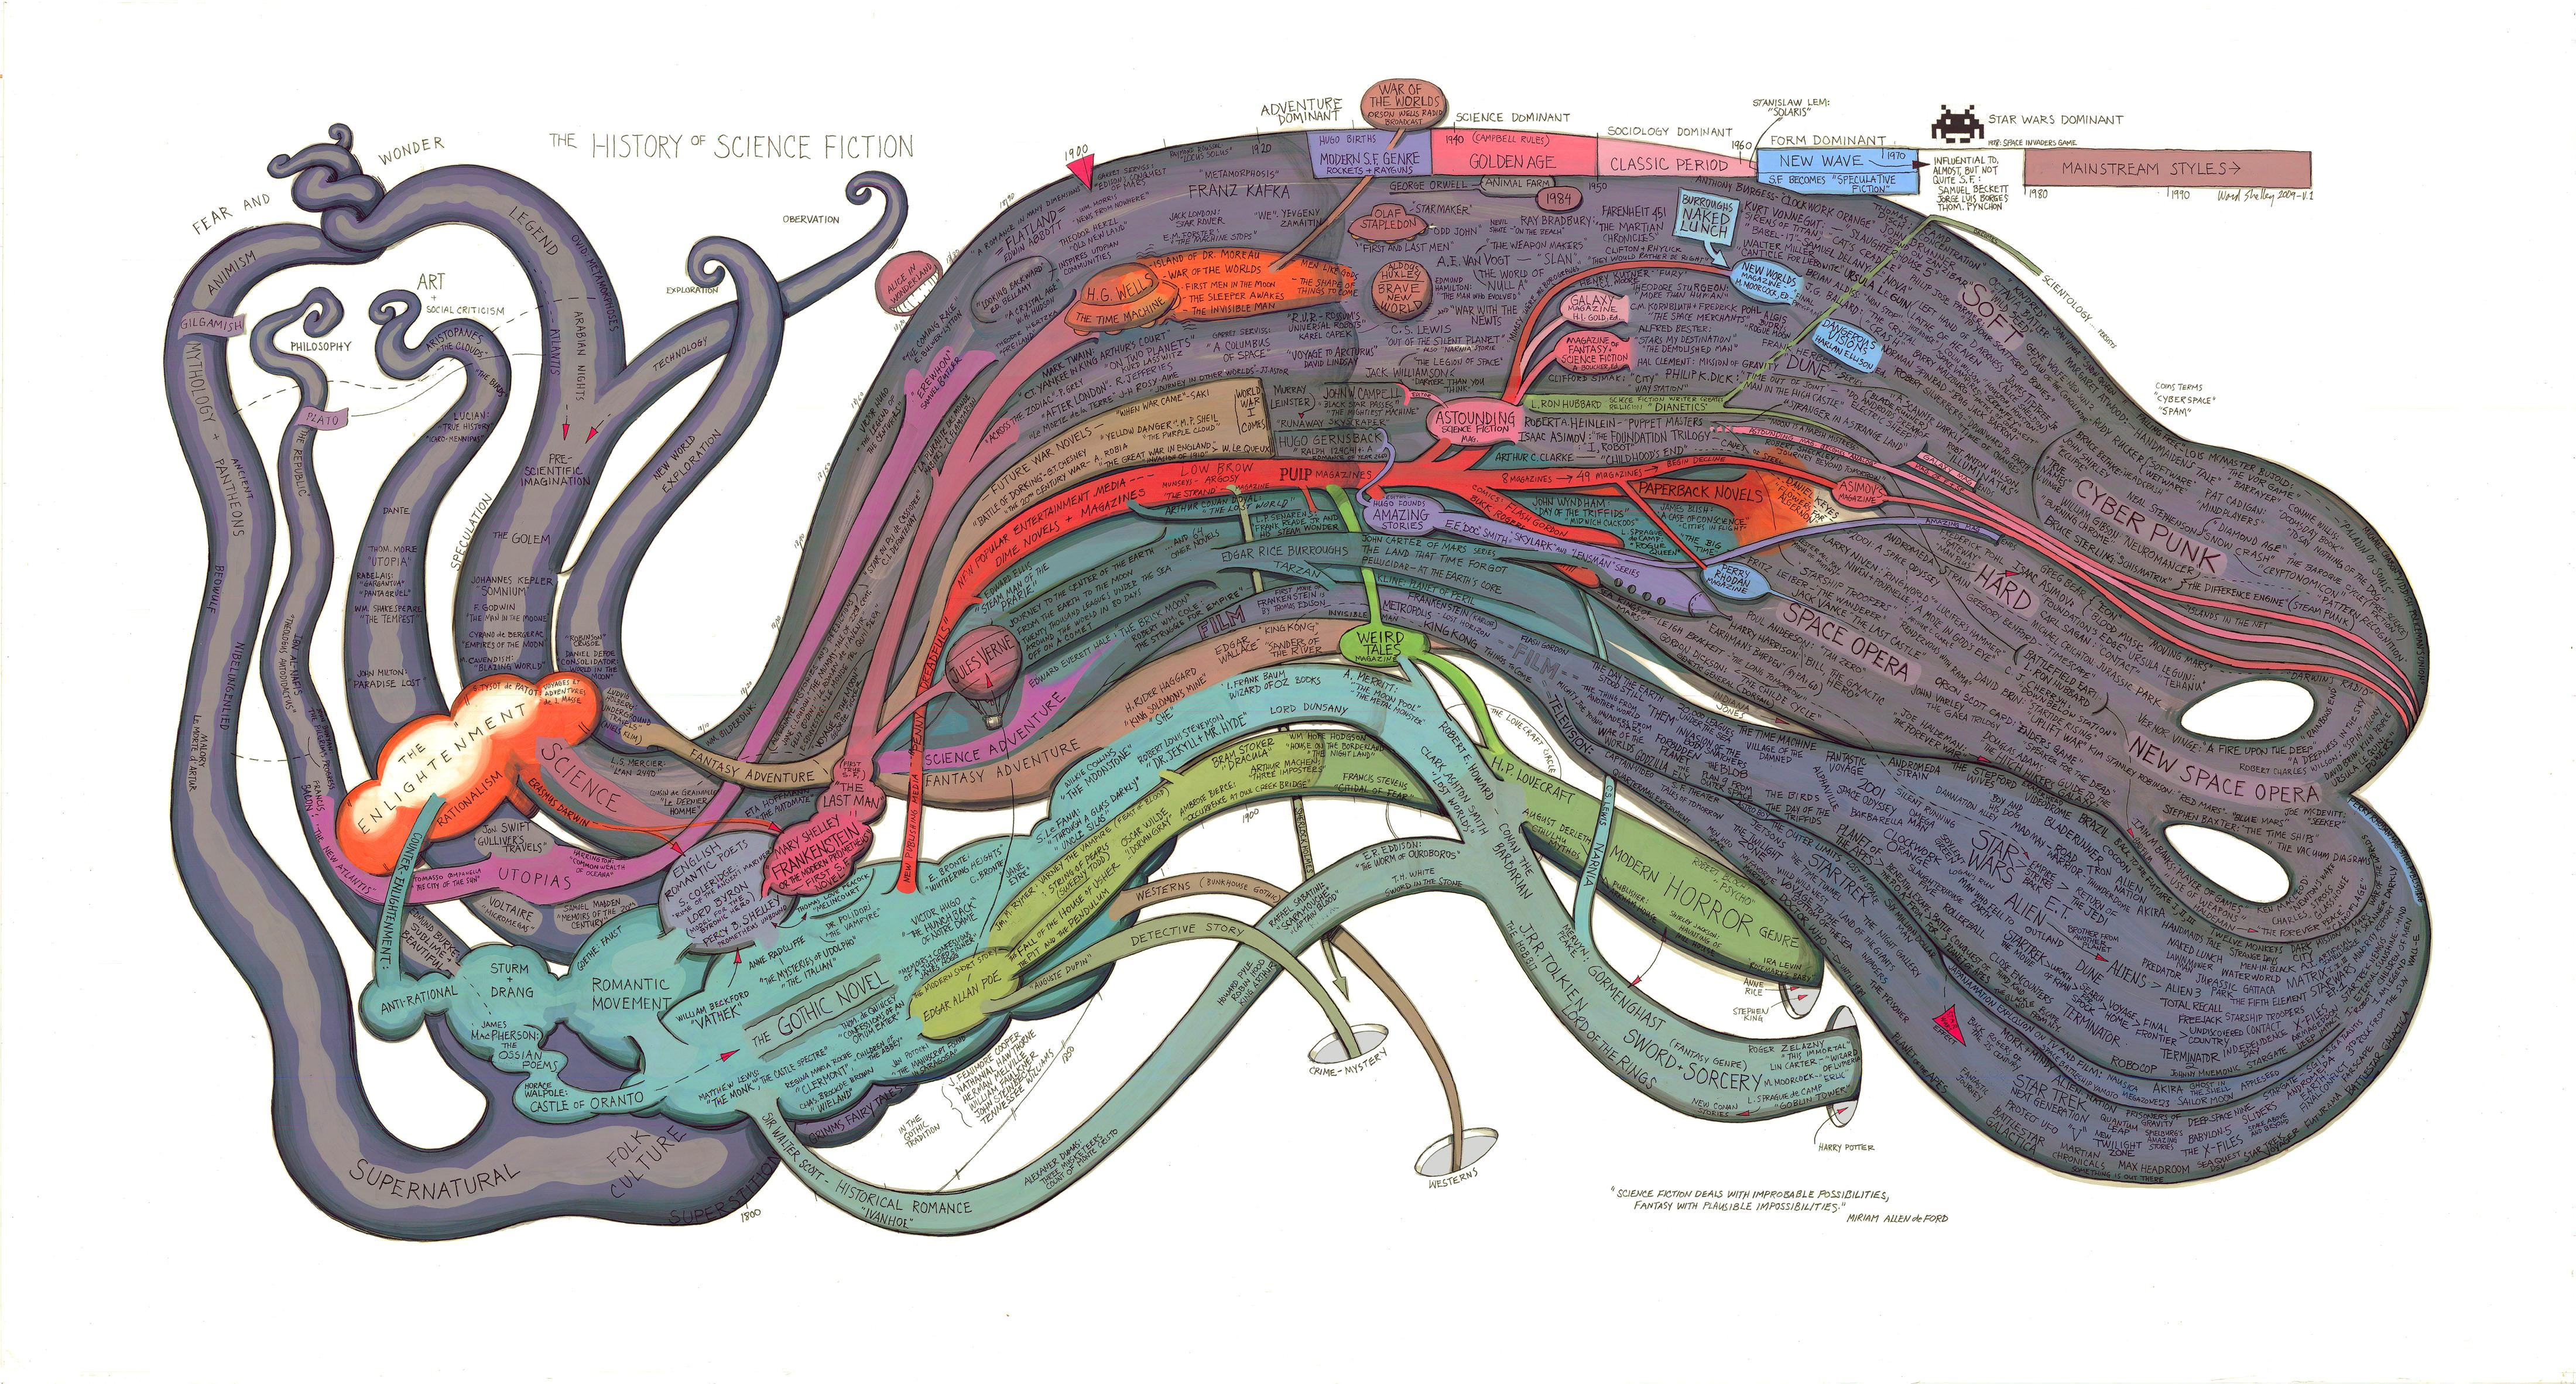 Mapa Conceptual Historia de la Ciencia-ficción